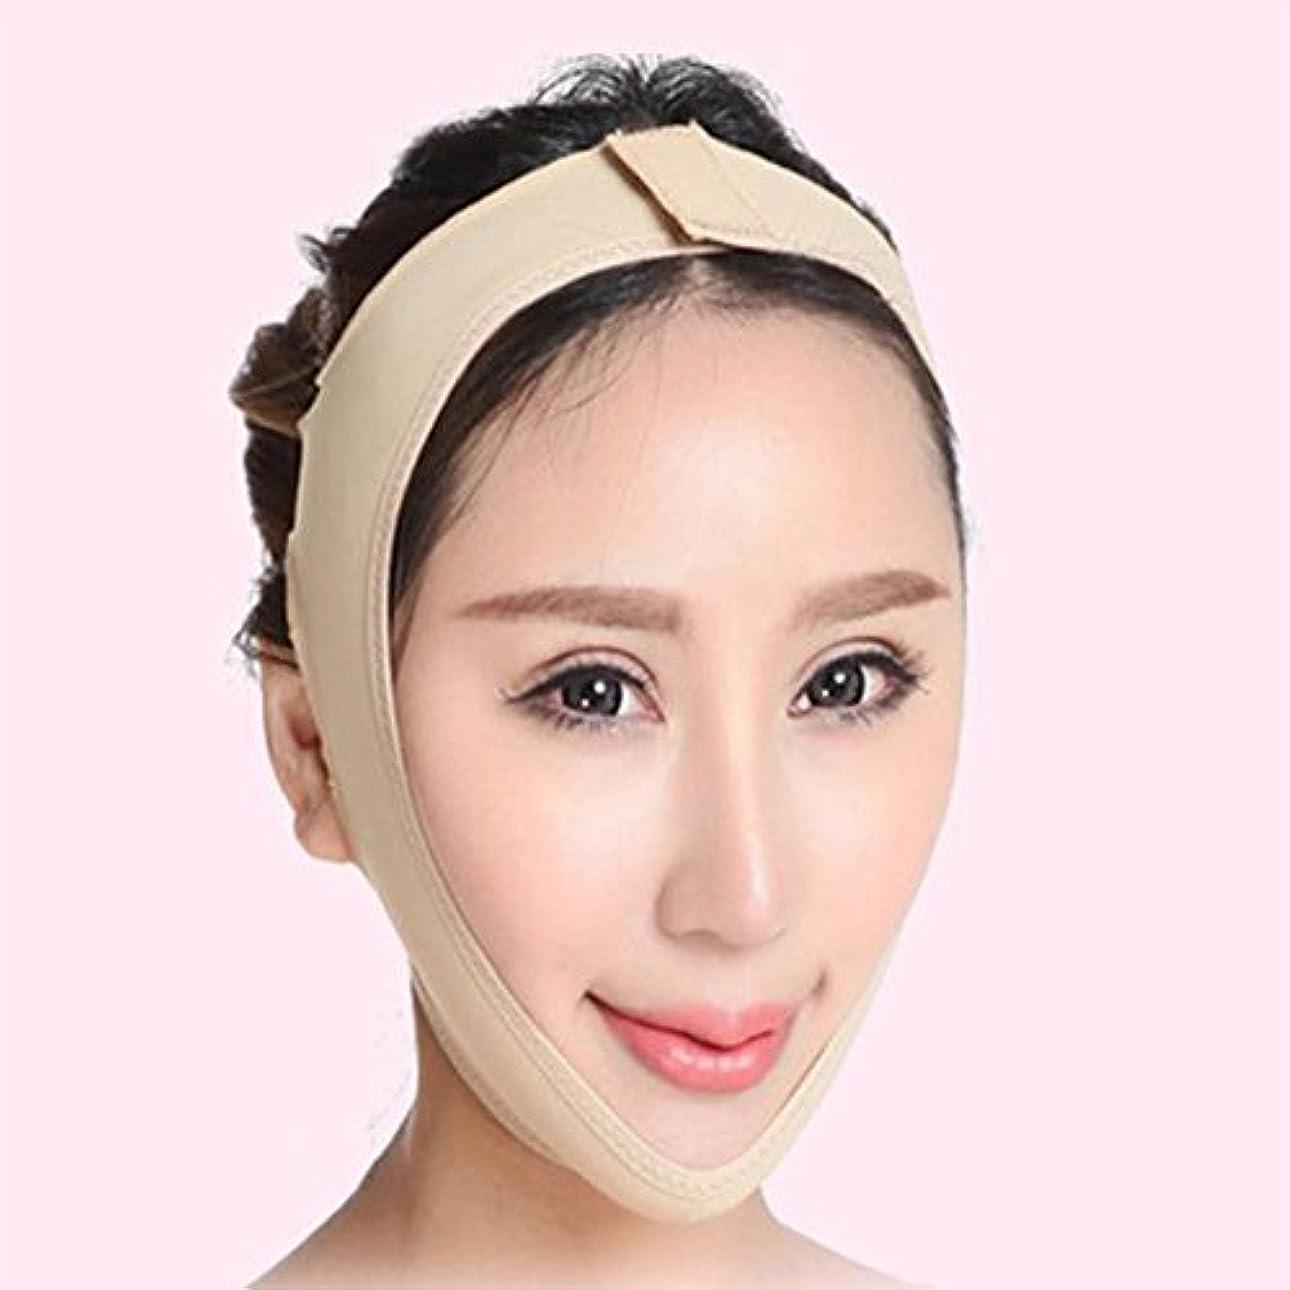 バルク前提壁SD 小顔 小顔マスク リフトアップ マスク フェイスライン 矯正 あご シャープ メンズ レディース Lサイズ AZD15003-L